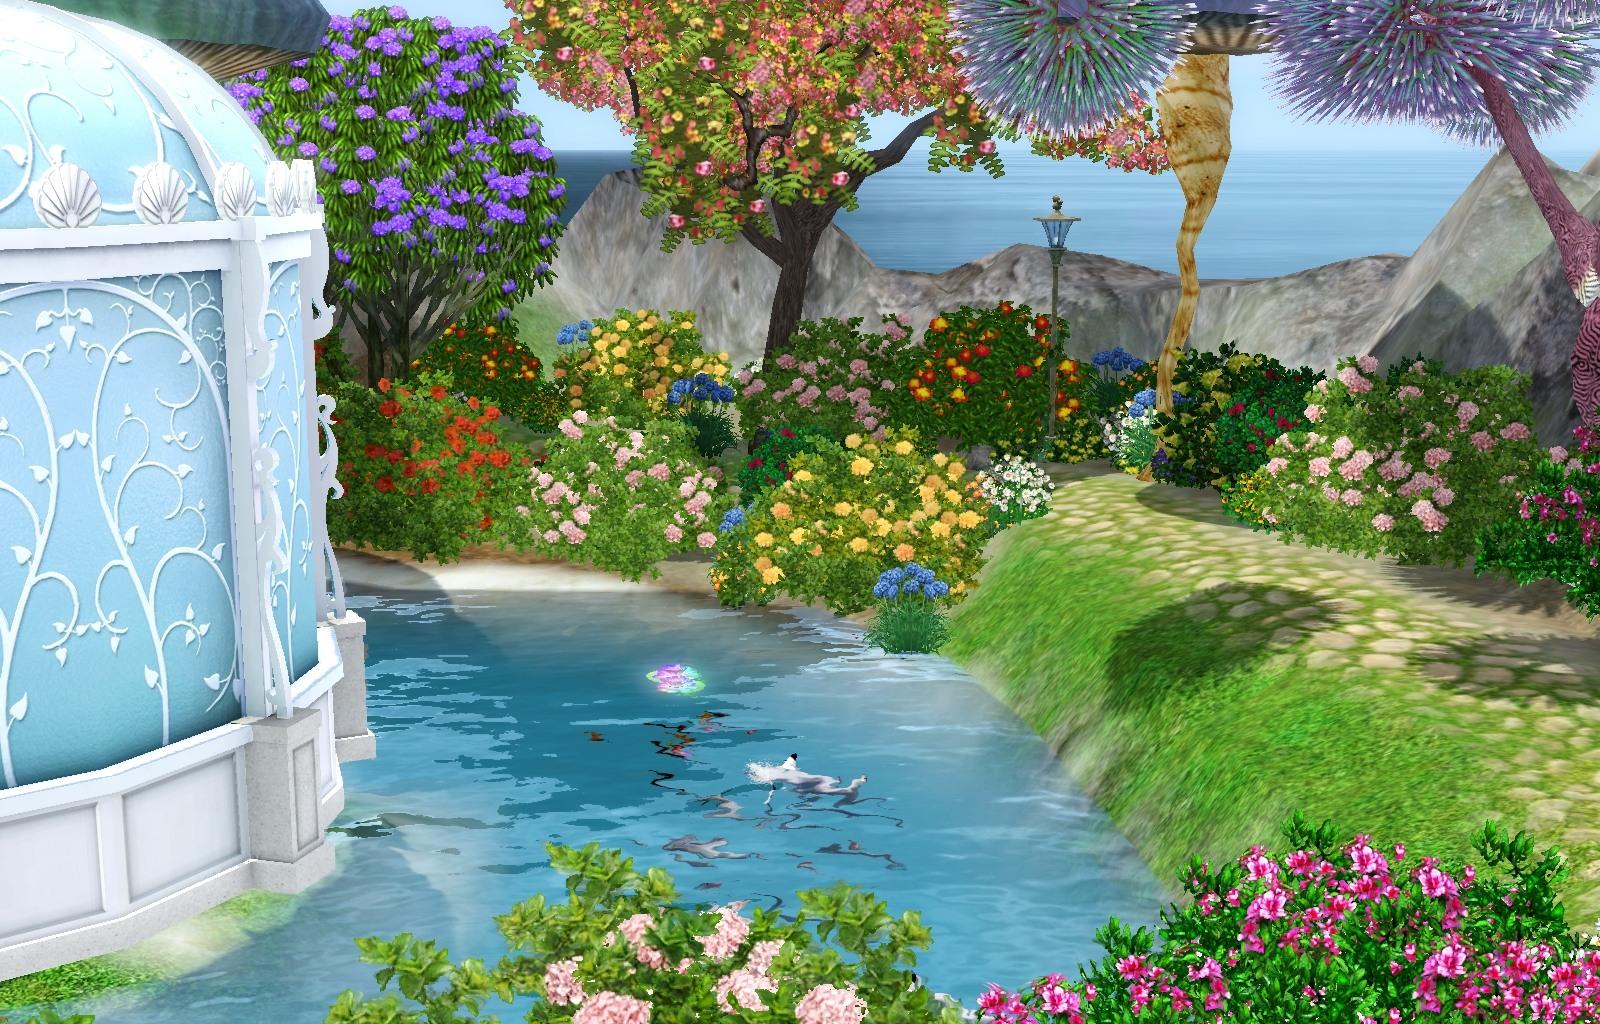 Mod The Sims - Secret Fairy Hangout